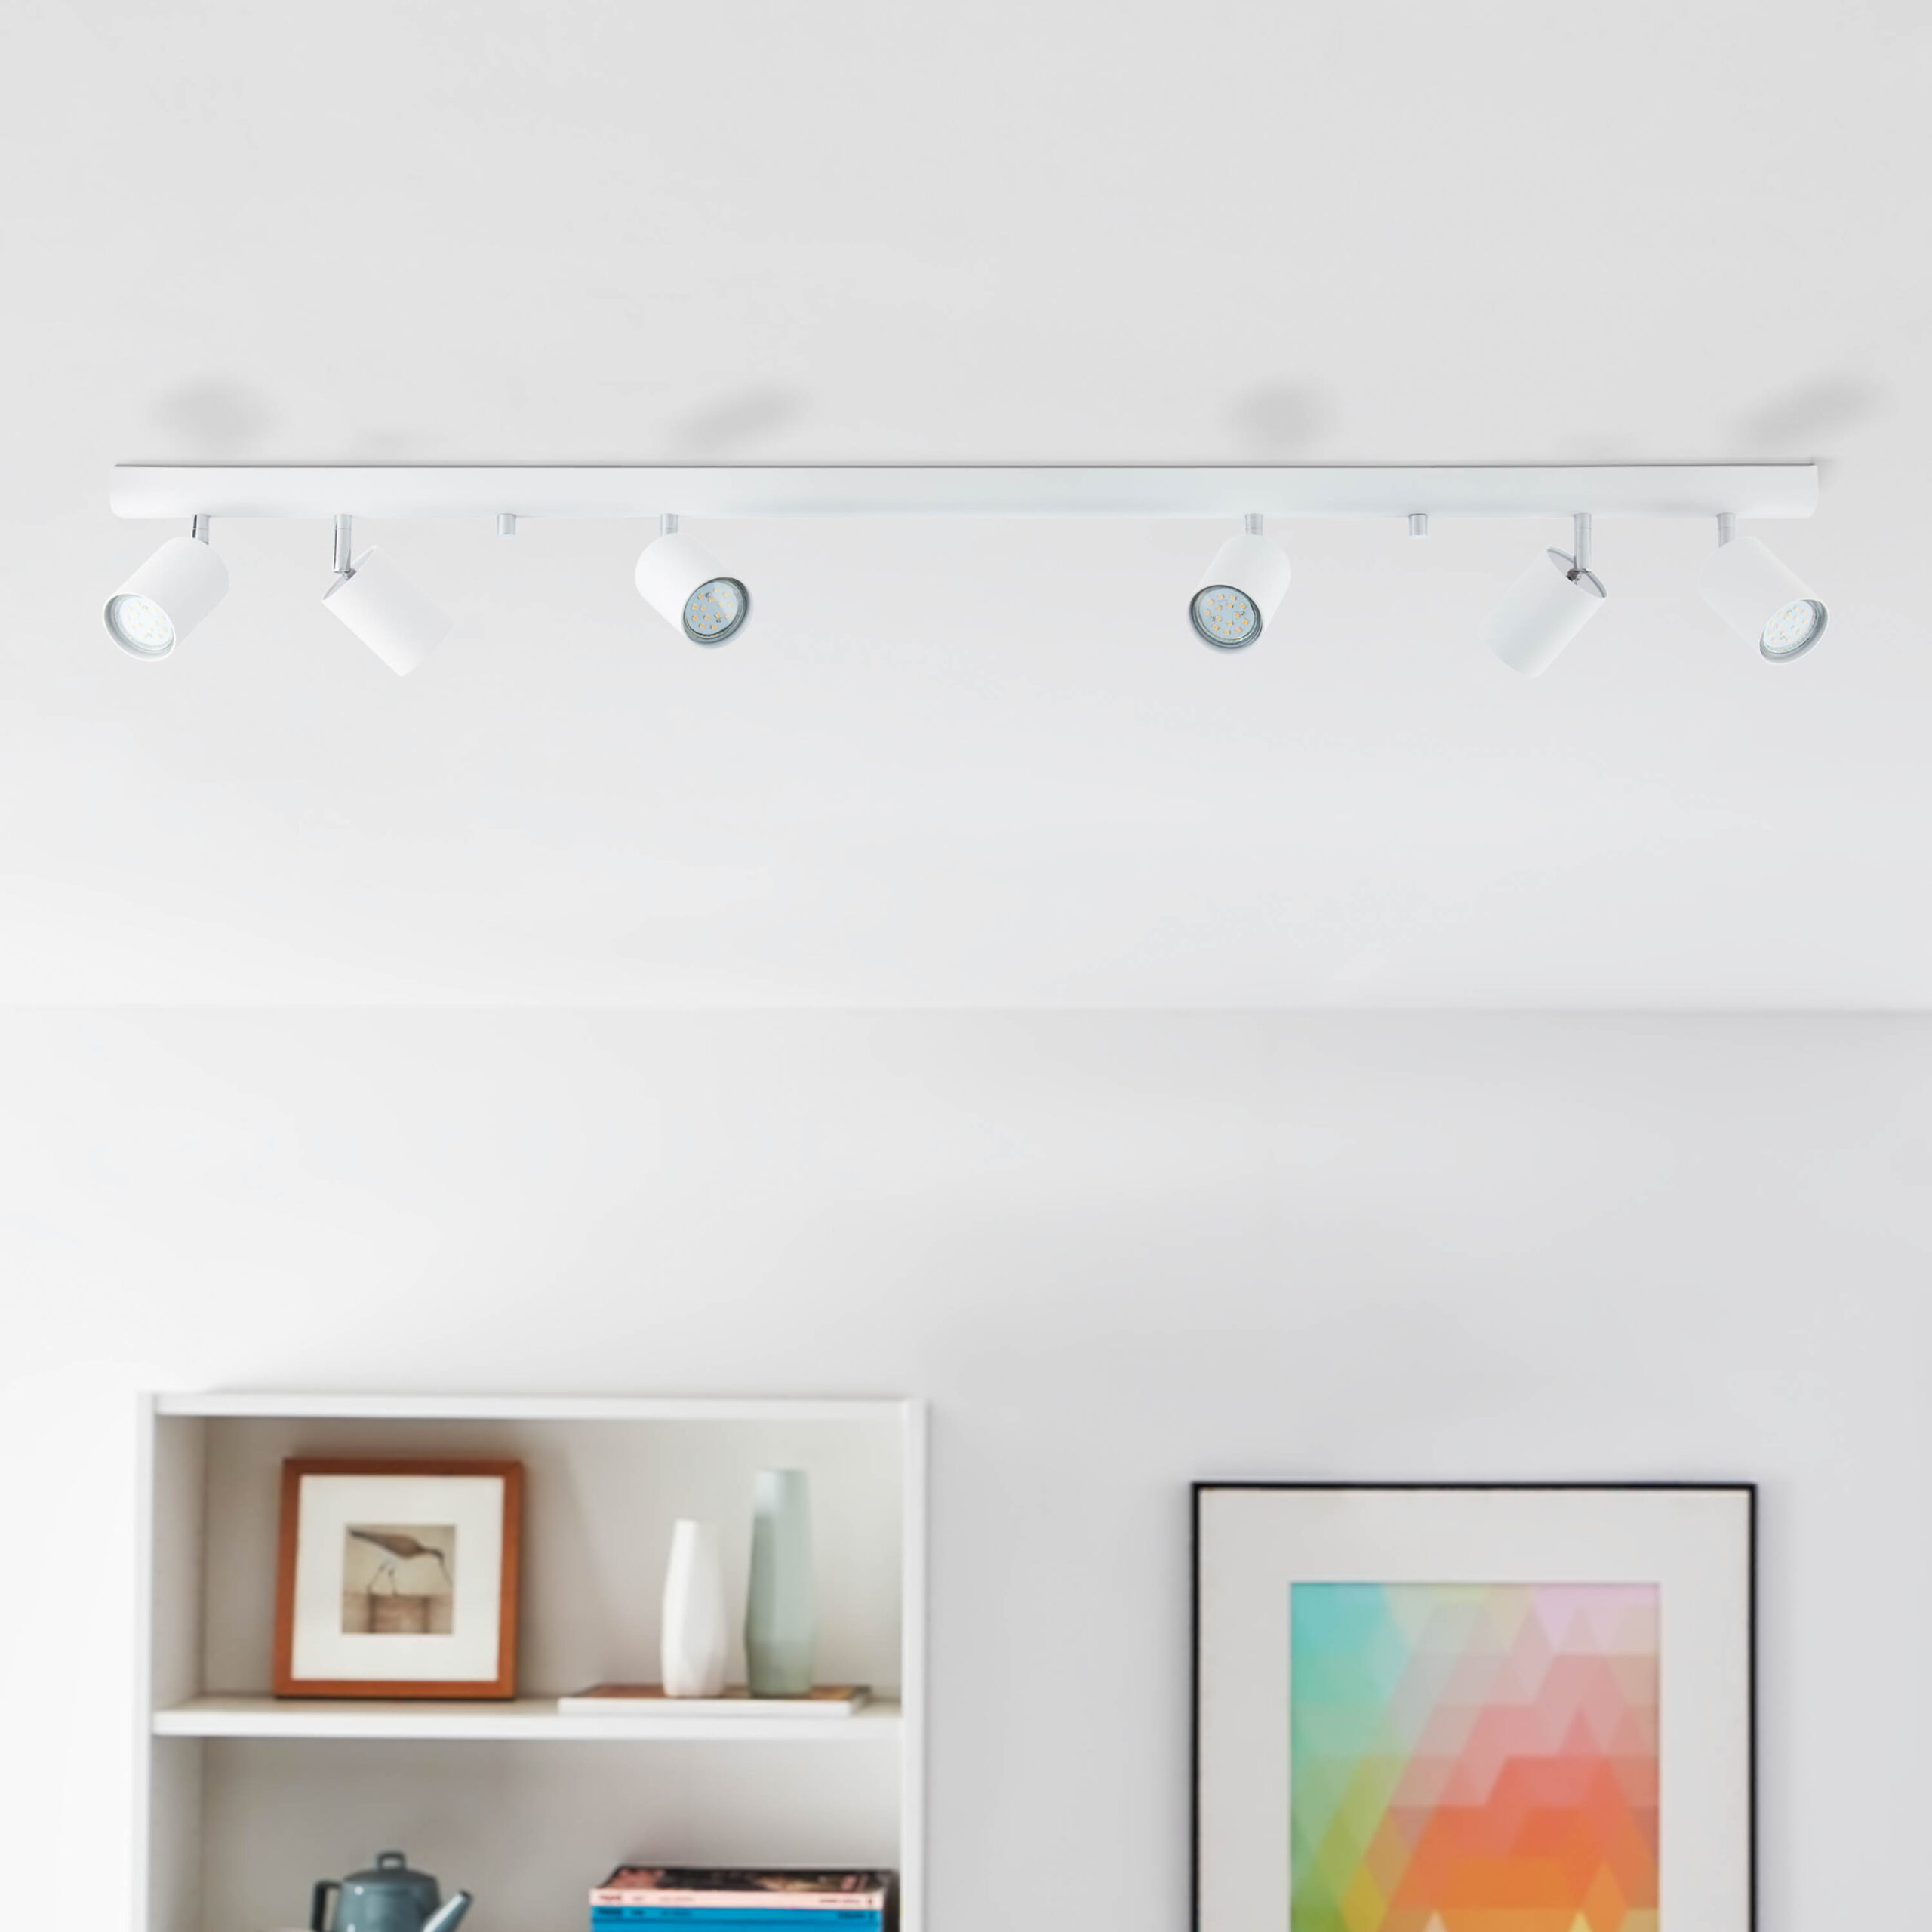 Full Size of Design Deckenleuchte Deckenleuchten Bad Wohnzimmer Moderne Schlafzimmer Designer Regale Led Küche Badezimmer Esstische Esstisch Lampen Betten Bett Modern Wohnzimmer Deckenleuchte Design